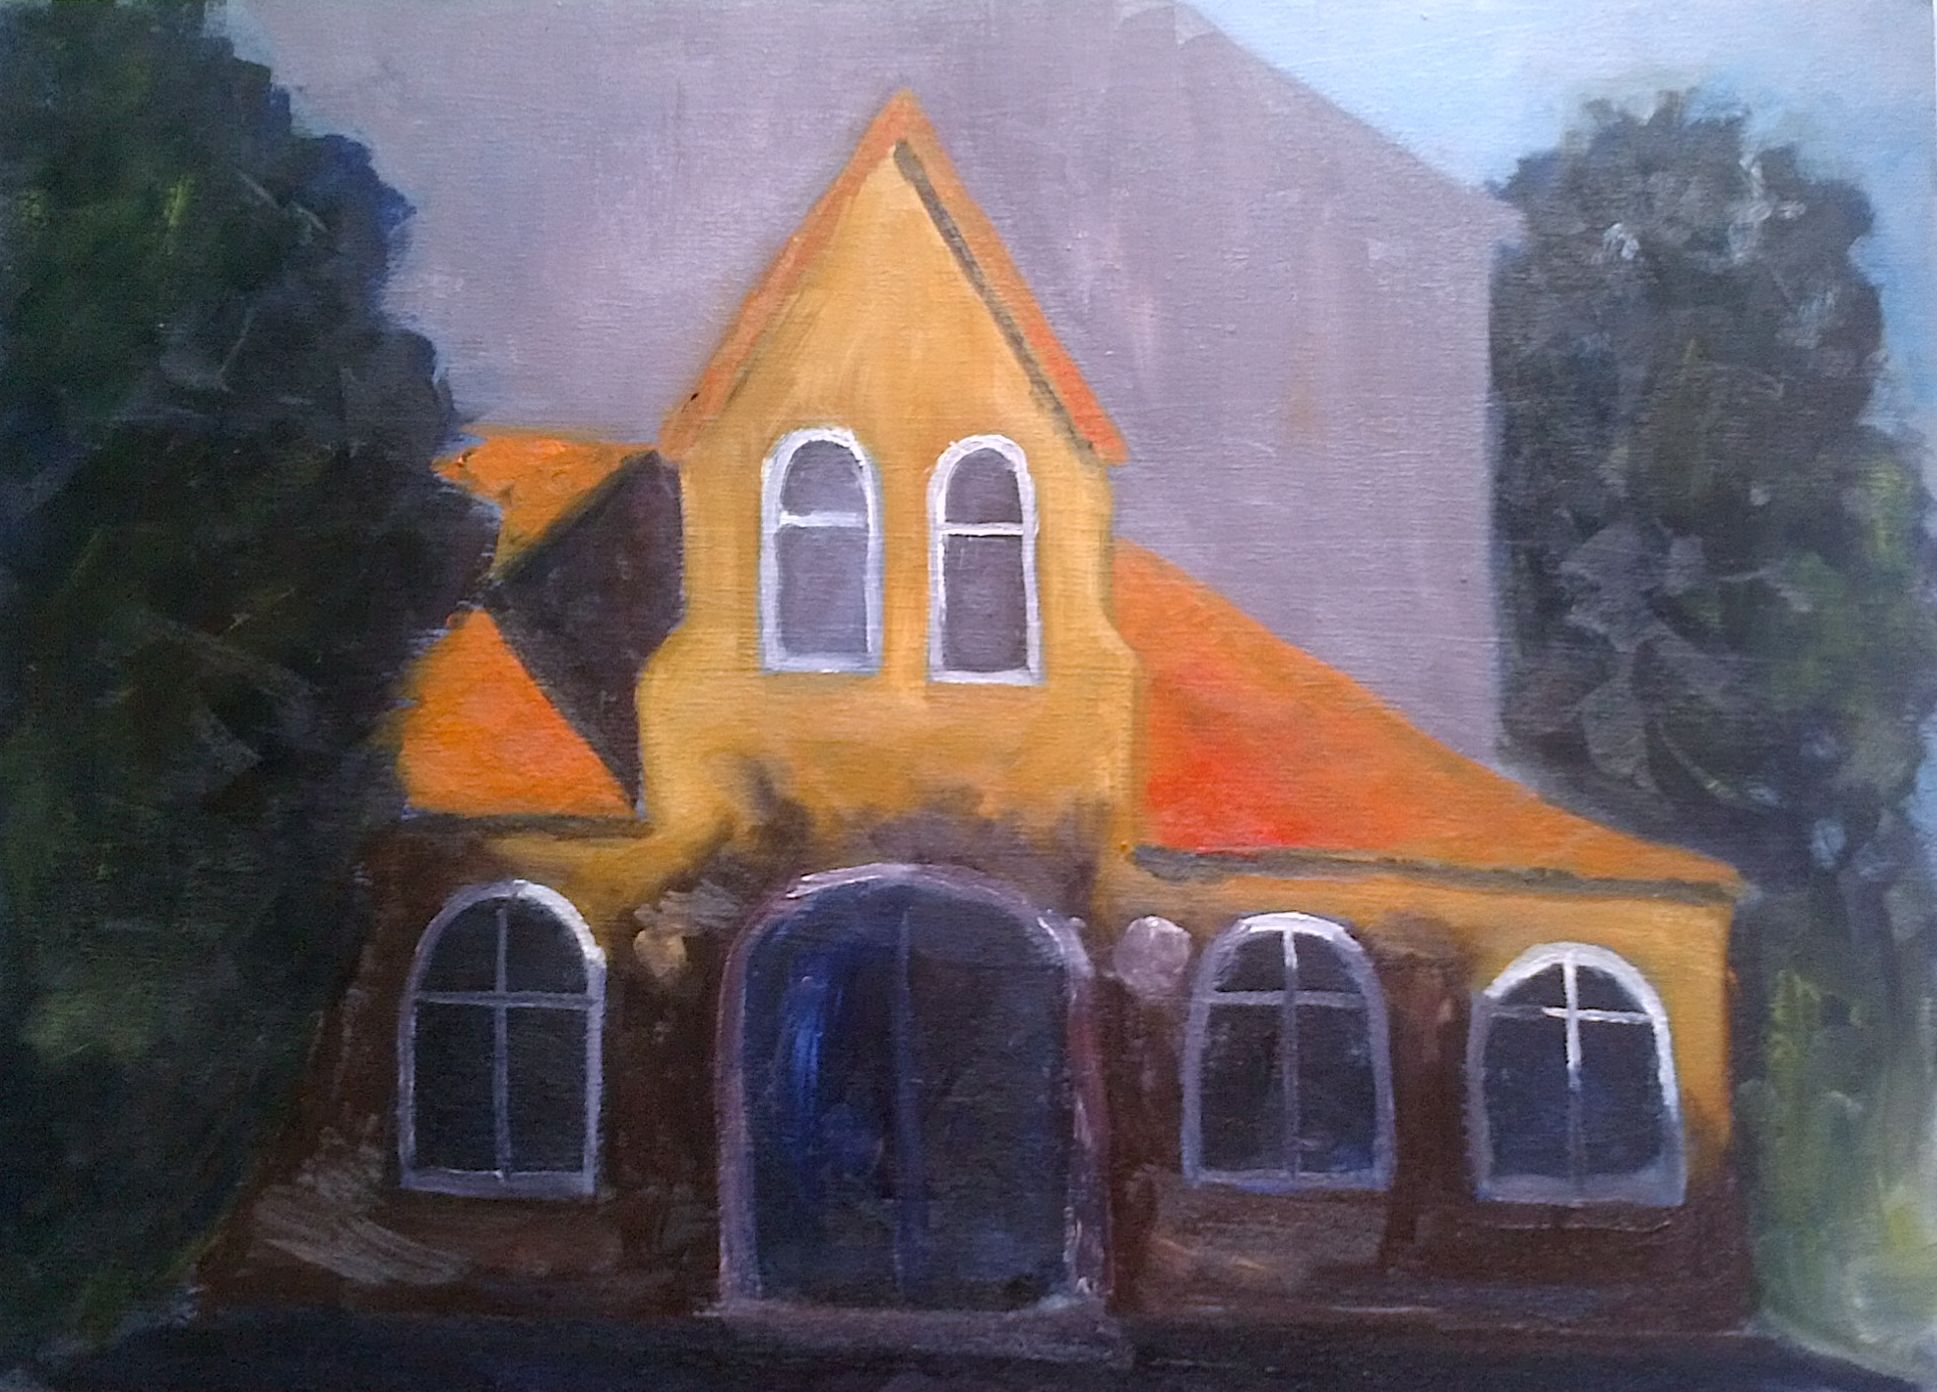 Gemeindesaal im Abendlicht/ Community hall at dusk